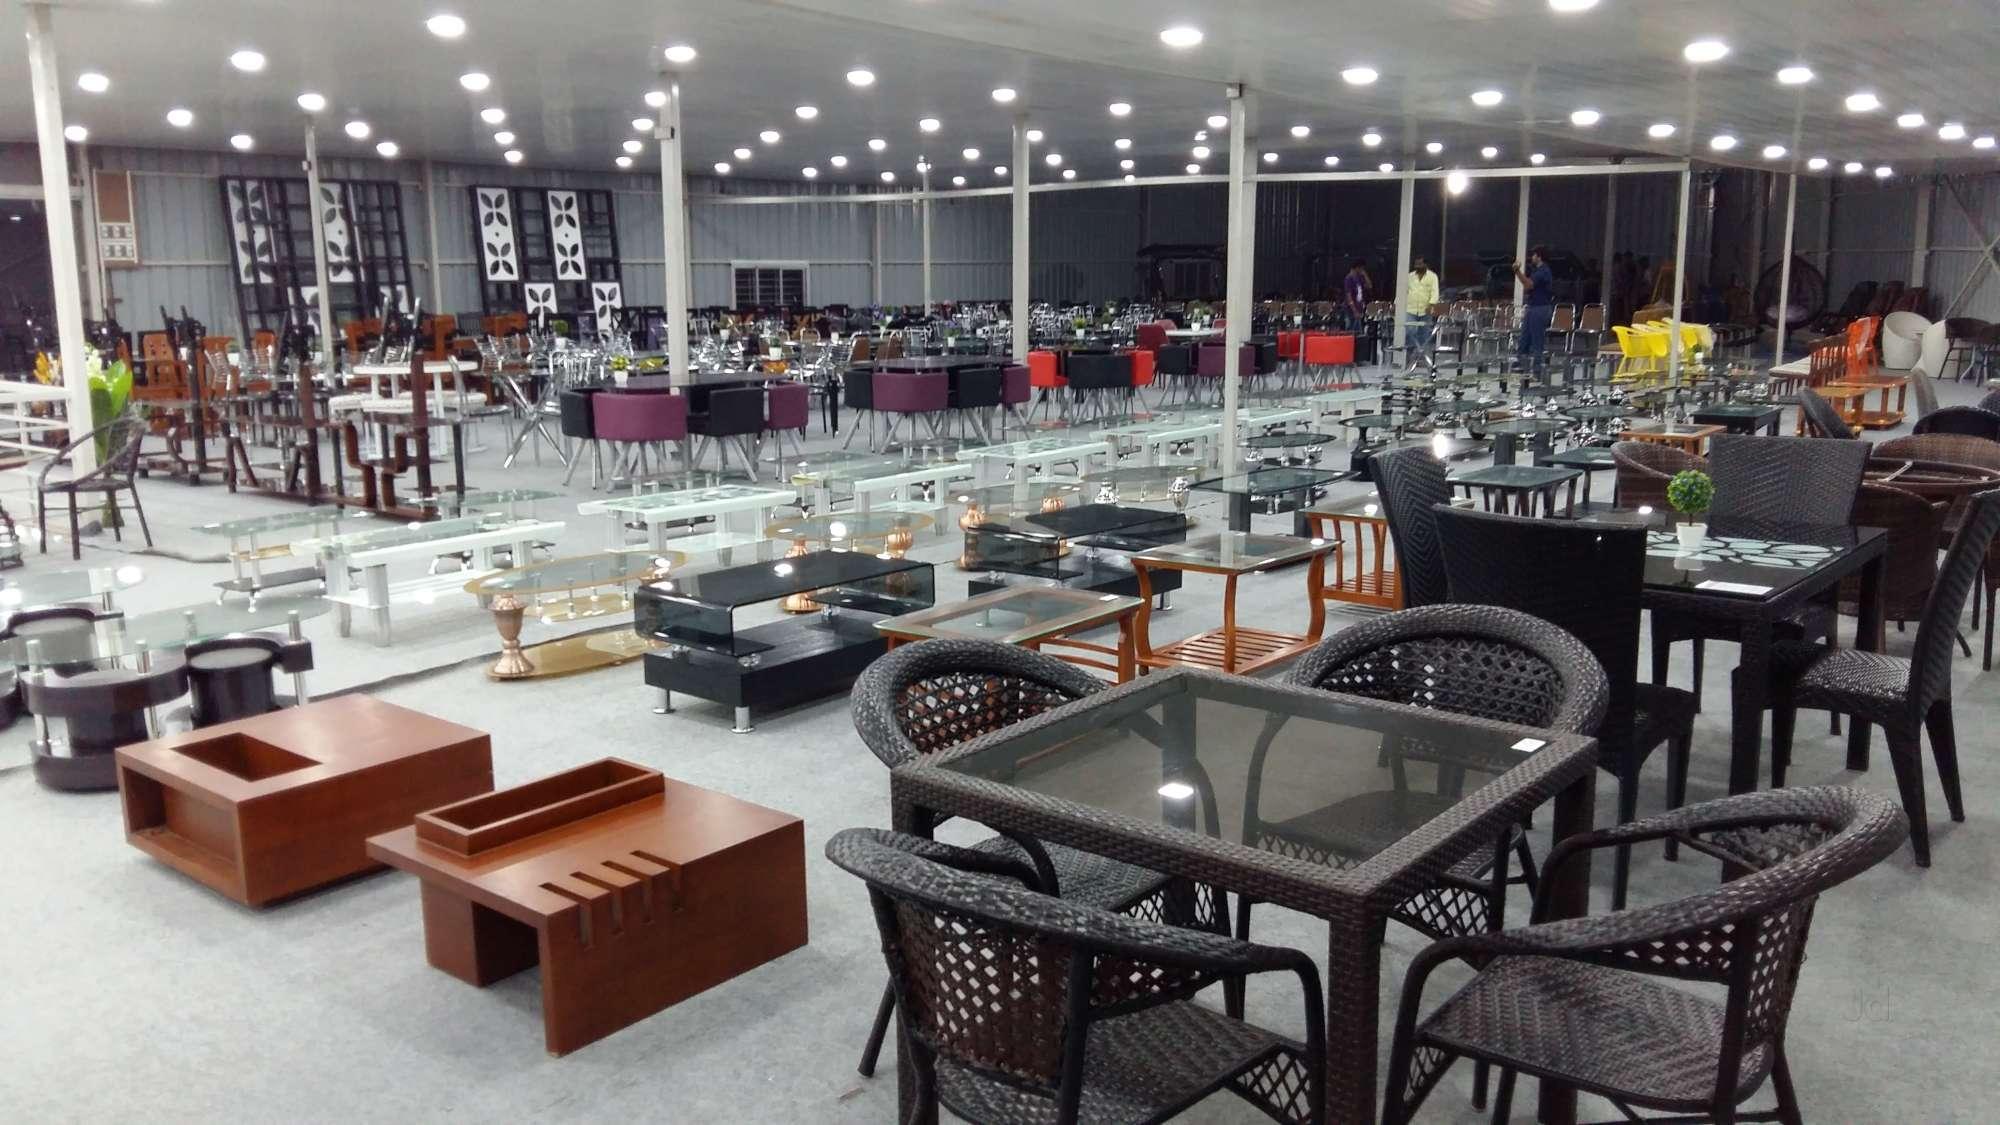 lucky-furniture-mall-rajarampuri-kolhapur-furniture-dealers-1m4s7zr